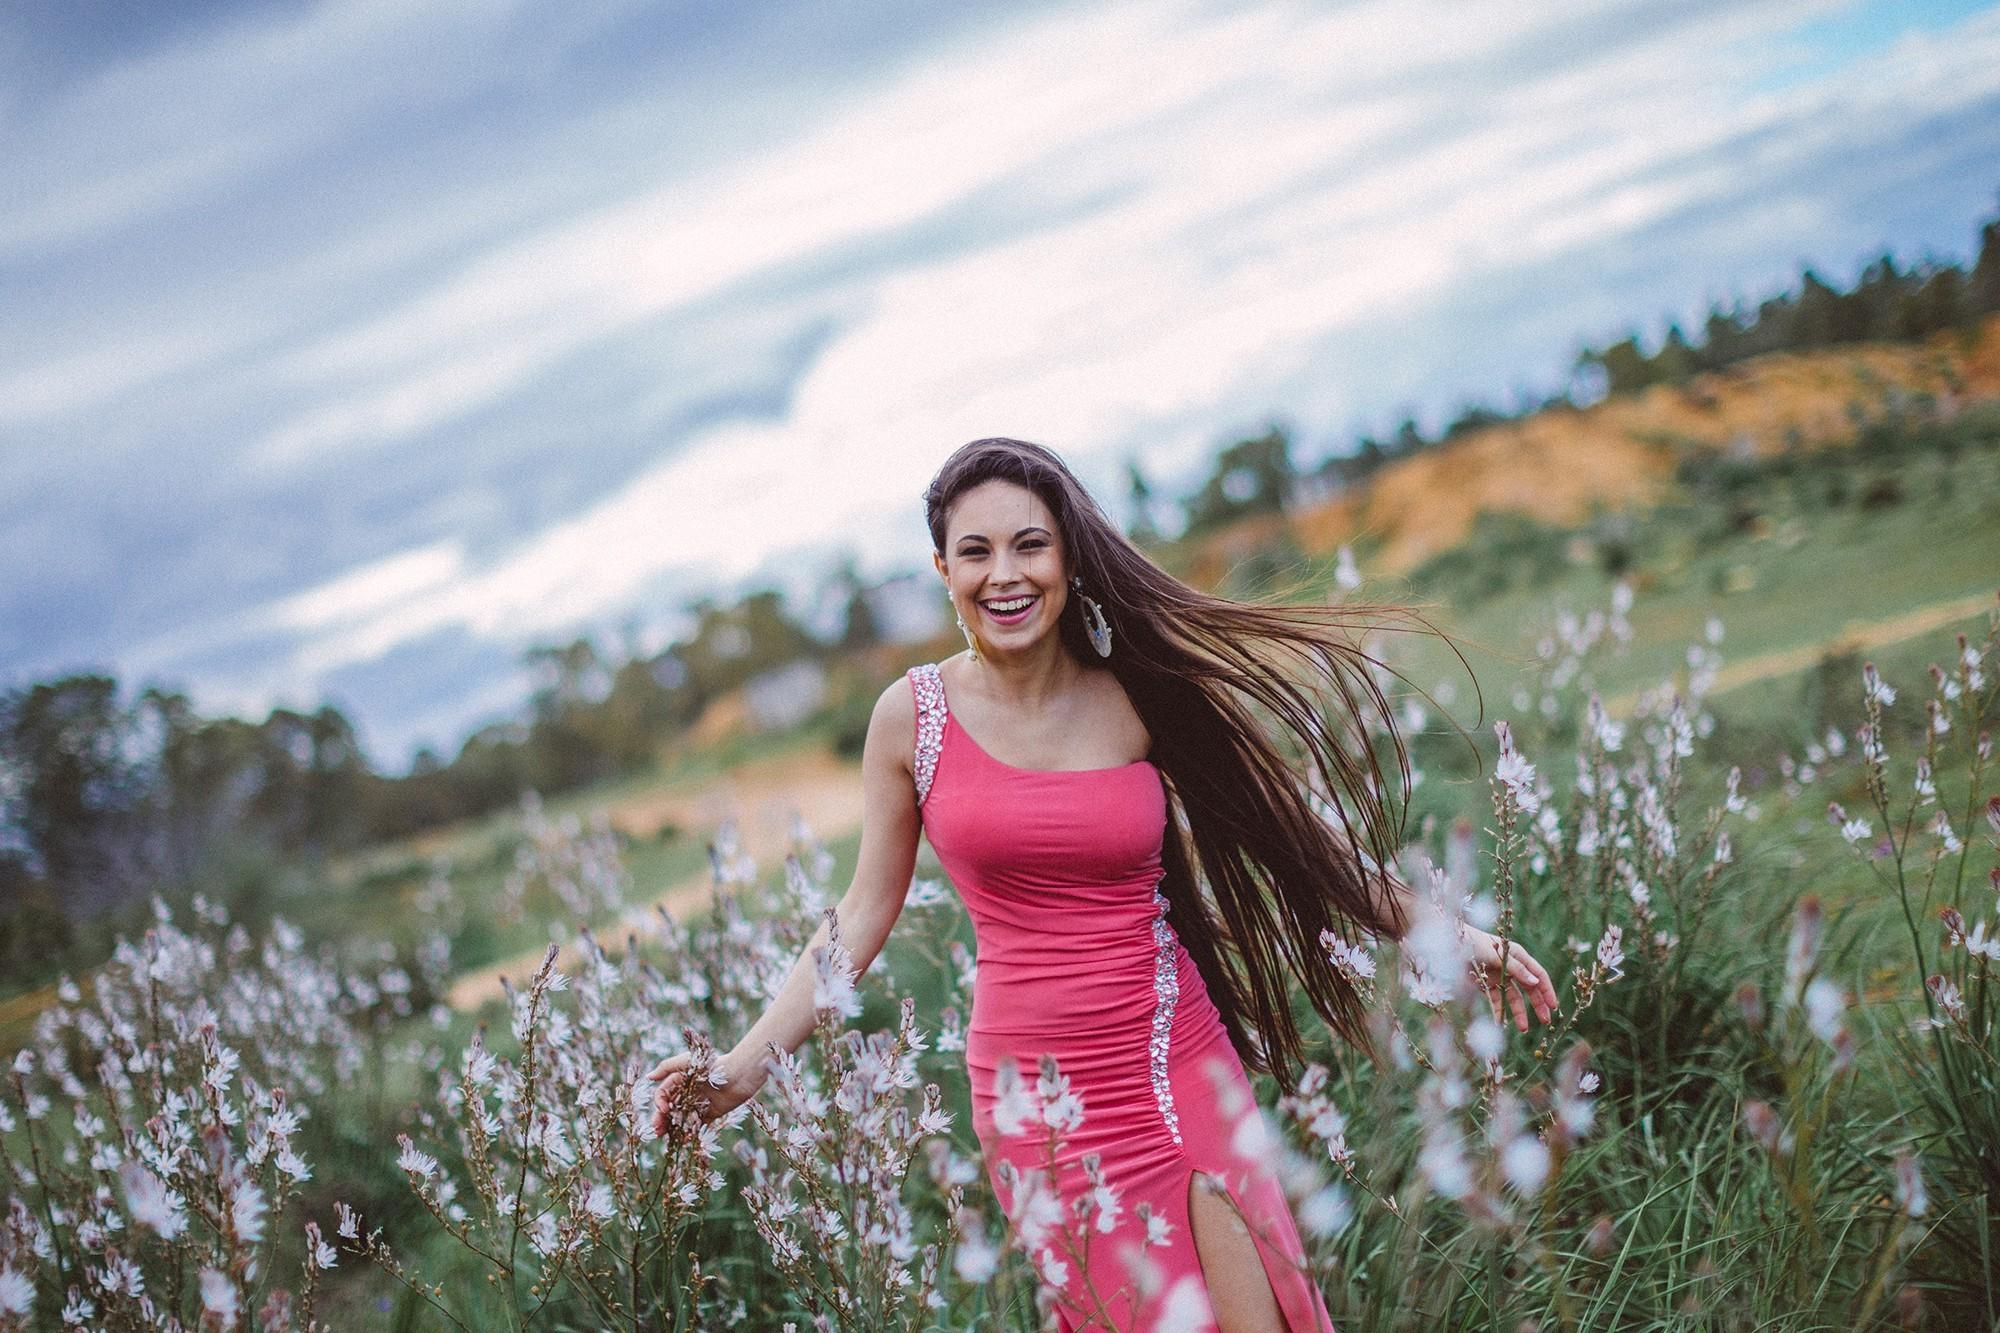 Картинки девушек с природой